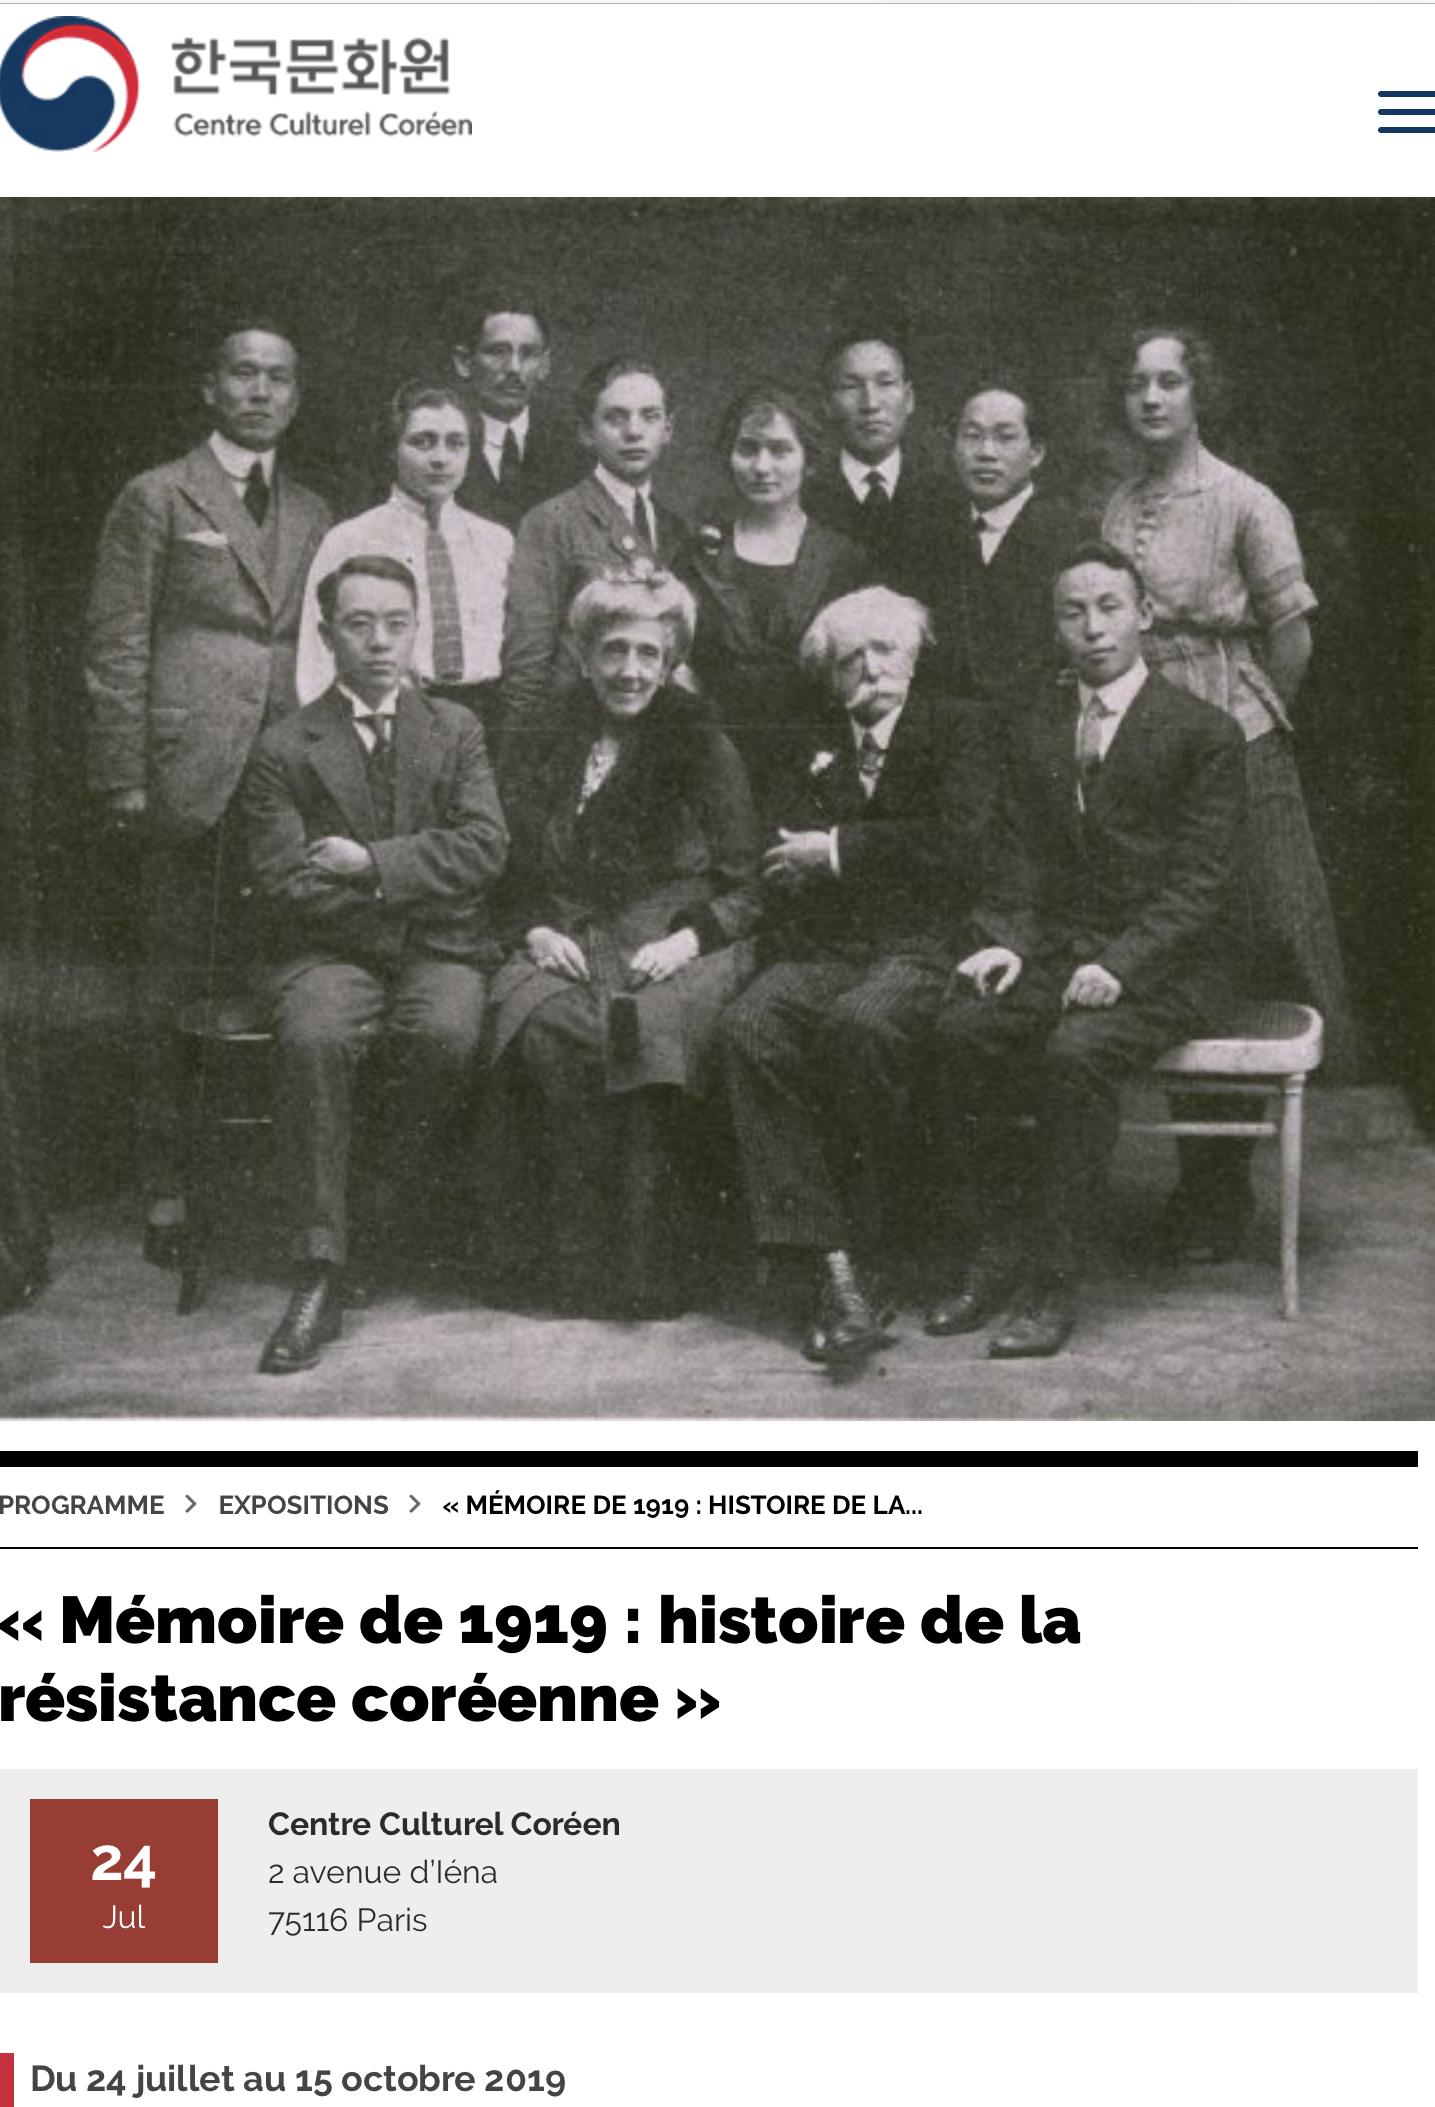 한국 문화원 임시정부수립 100주년 기념 전시회 (7월 24- 10월 15일).jpg